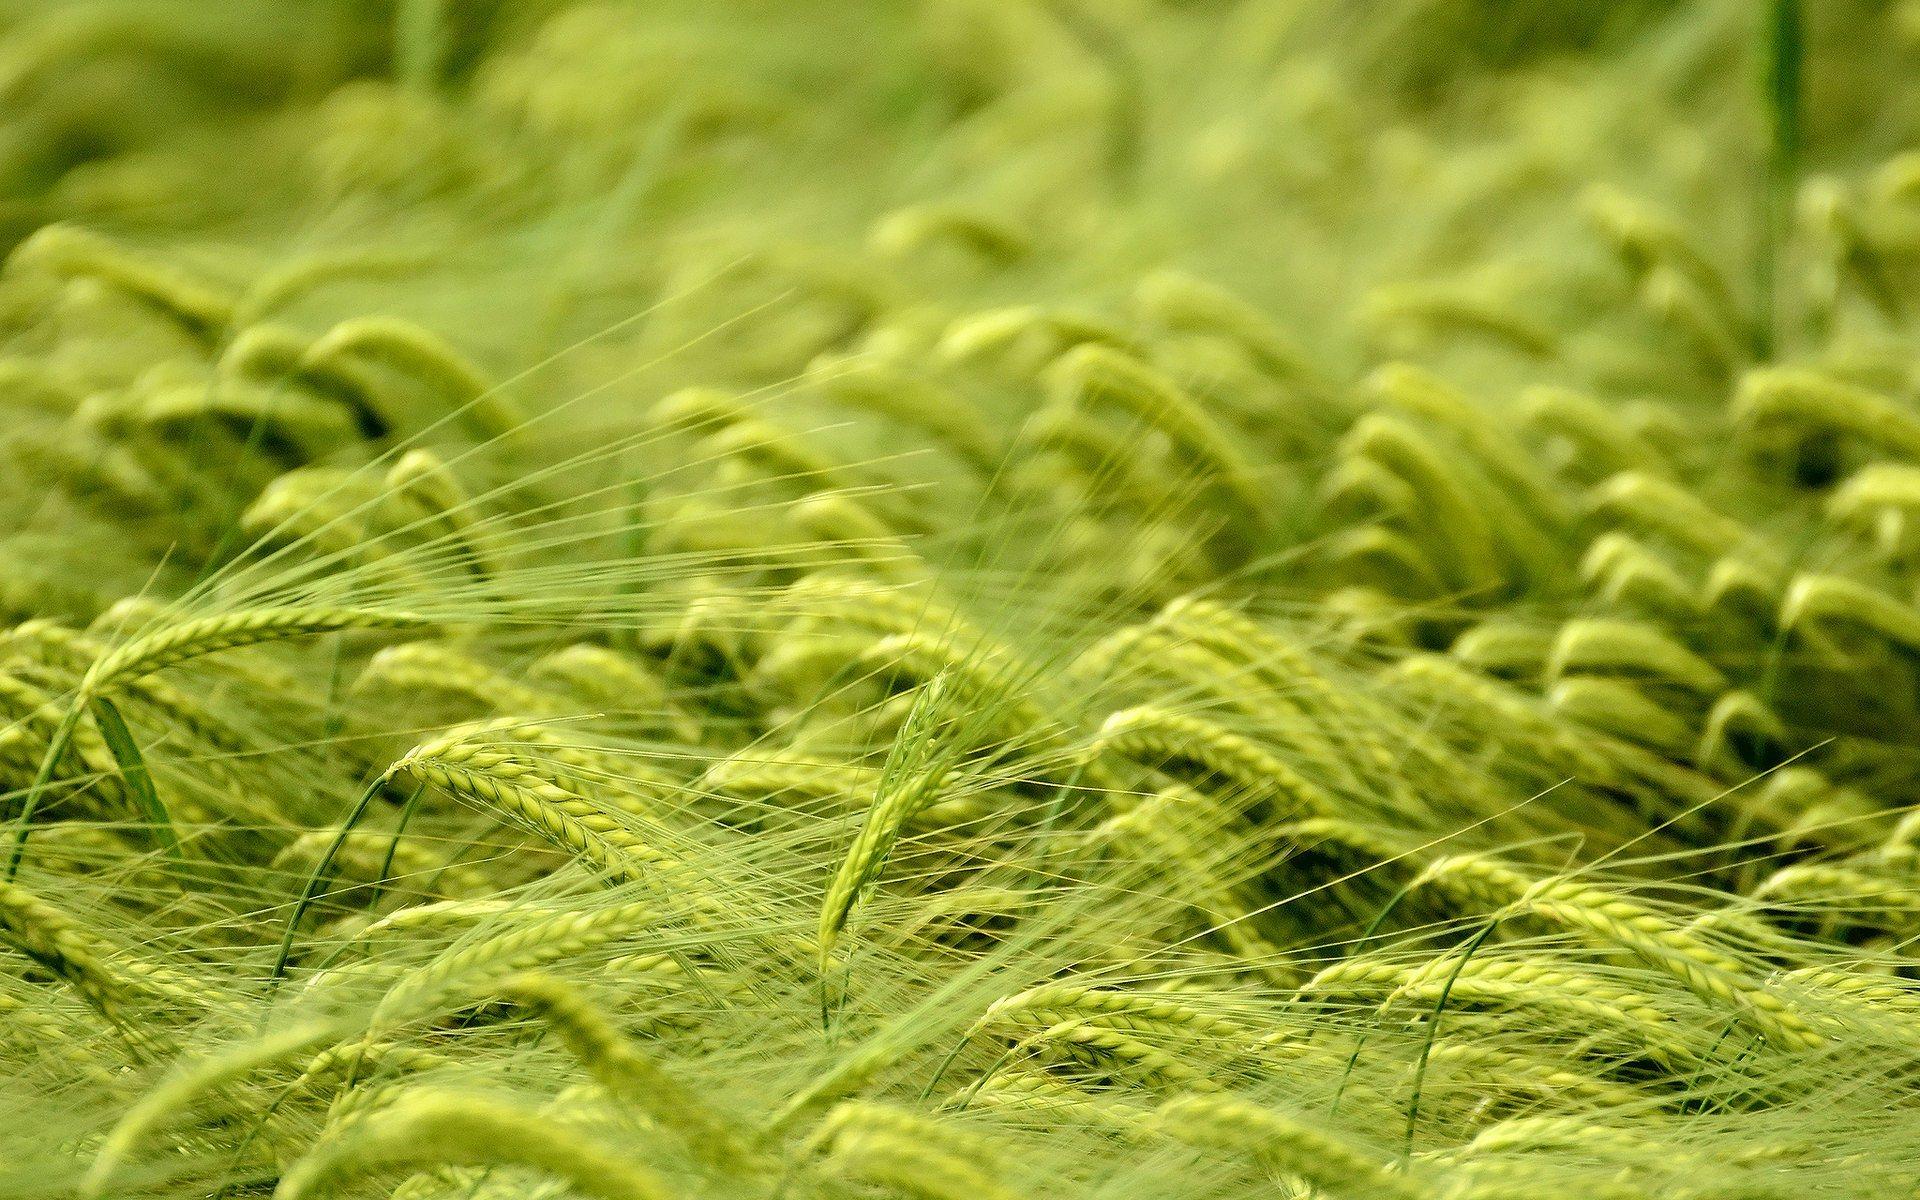 http://1.bp.blogspot.com/-u_ds38oBYak/ULtsW7bYIxI/AAAAAAAAOKM/Lq0jbl8owfc/s1920/corn-field-wallpaper.jpg